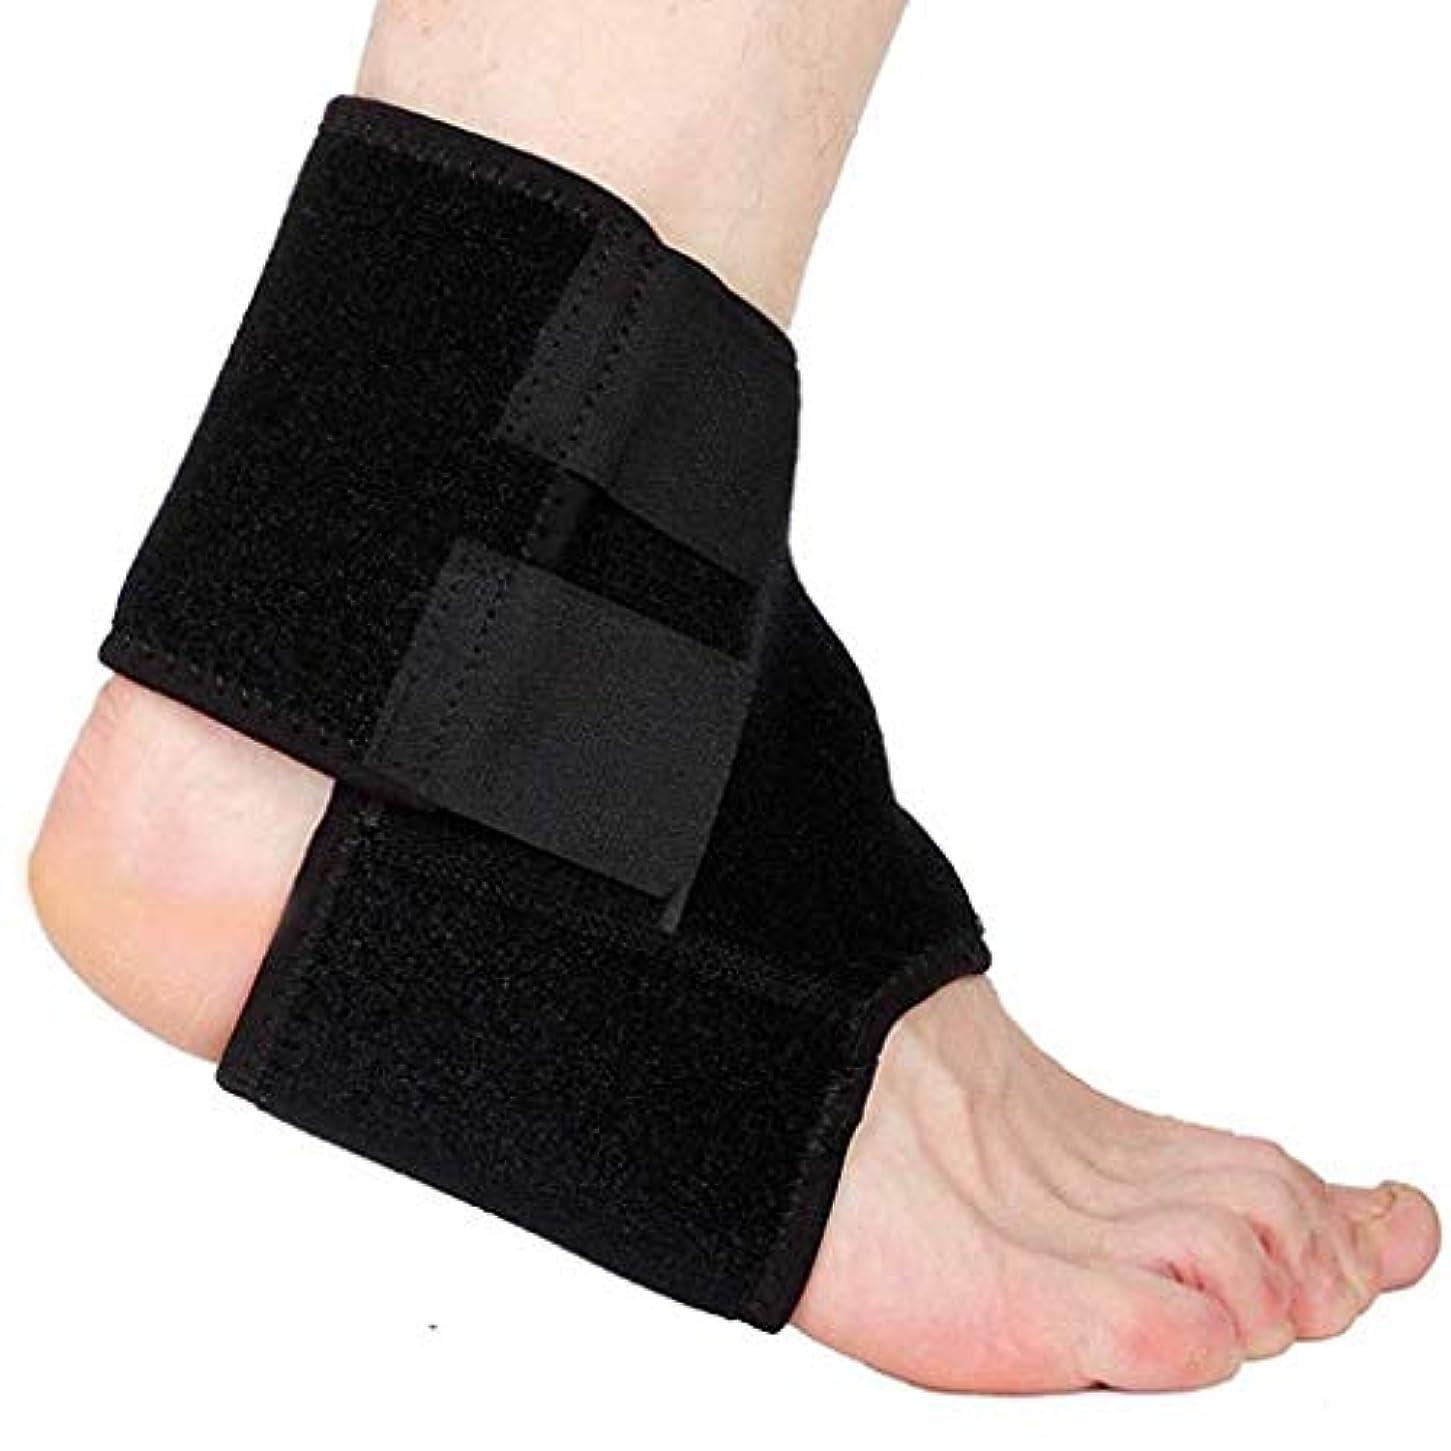 値下げメンバー乱闘足首サポート調節可能な足首ブレース通気性のあるナイロン素材伸縮性があり快適な1サイズスポーツに最適慢性的な足首の捻Sp疲労からの保護